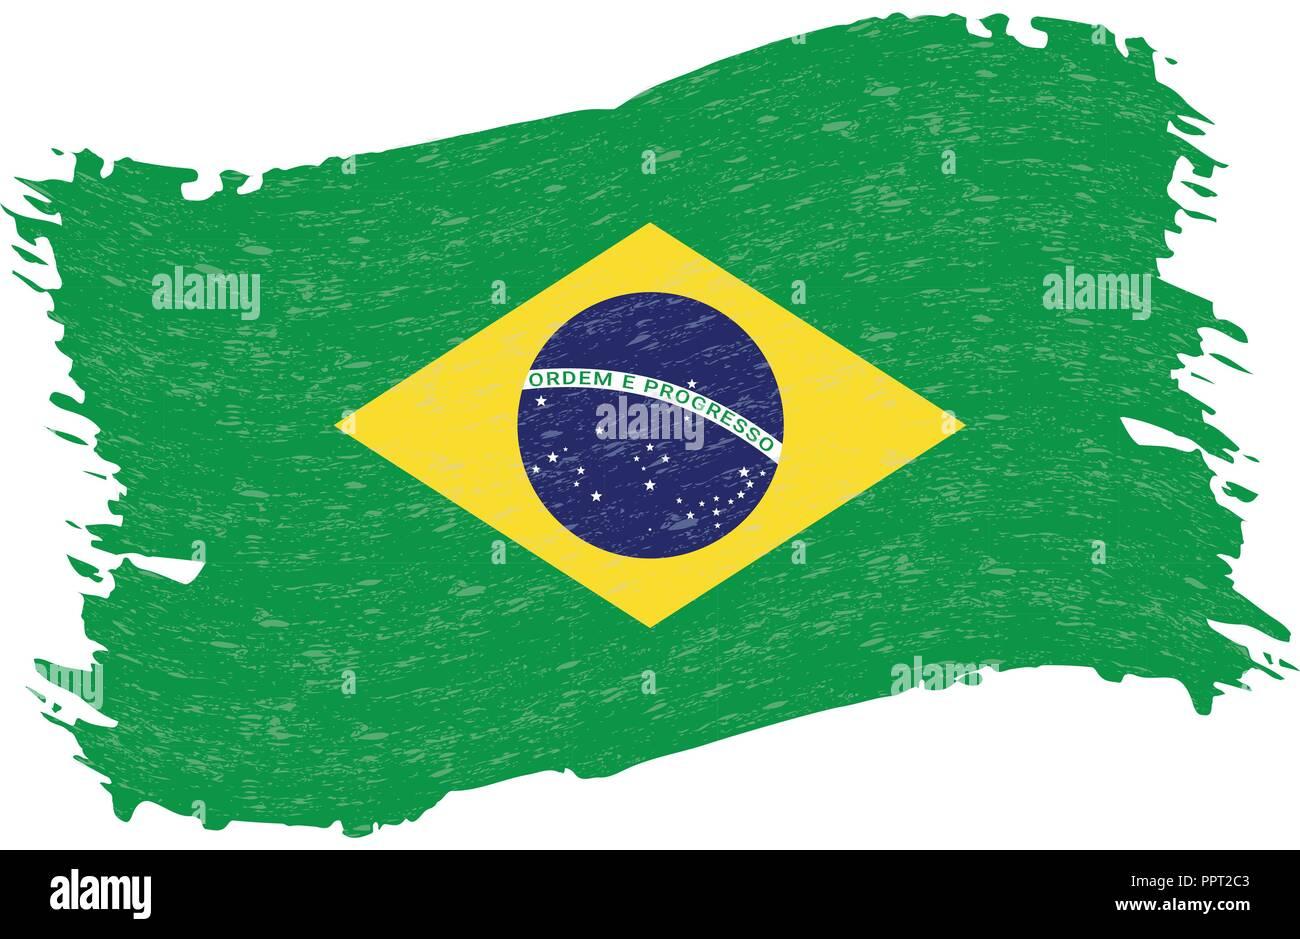 Bandera De Brasil Trazo De Pincel Abstracto Grunge Aislado